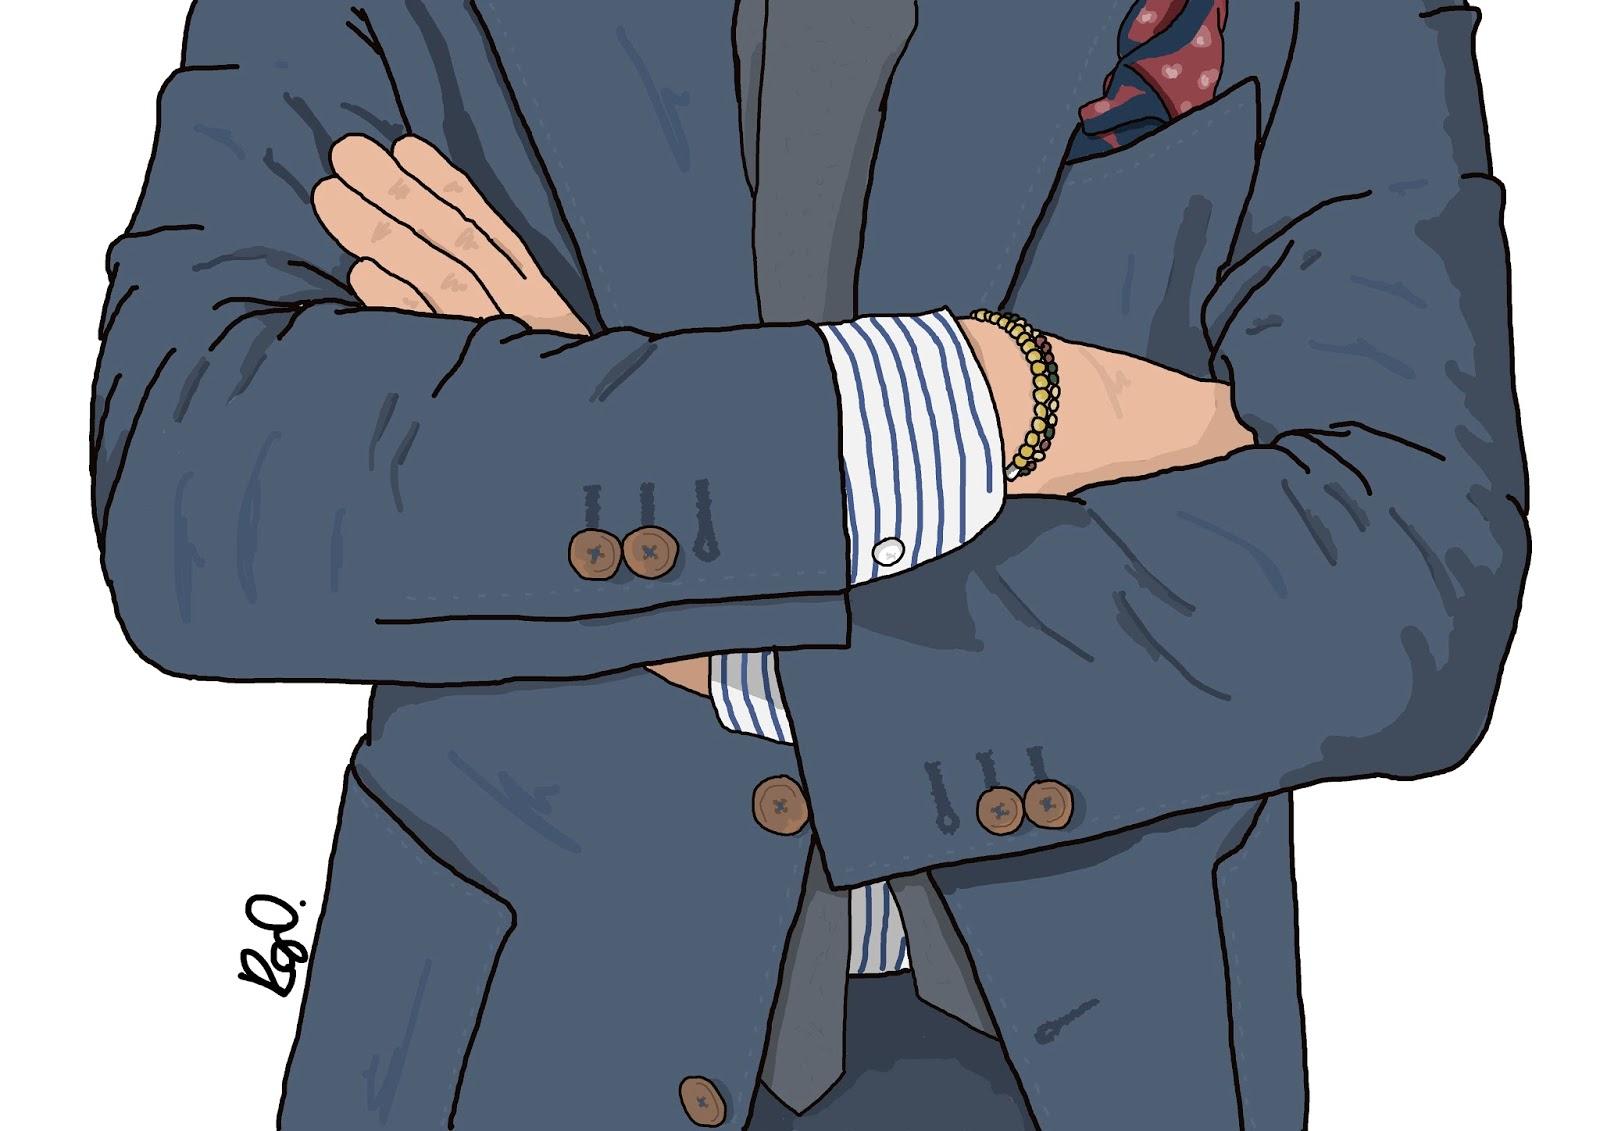 ¡ No te cruces de brazos ! -By Rodrigo Saldaña-